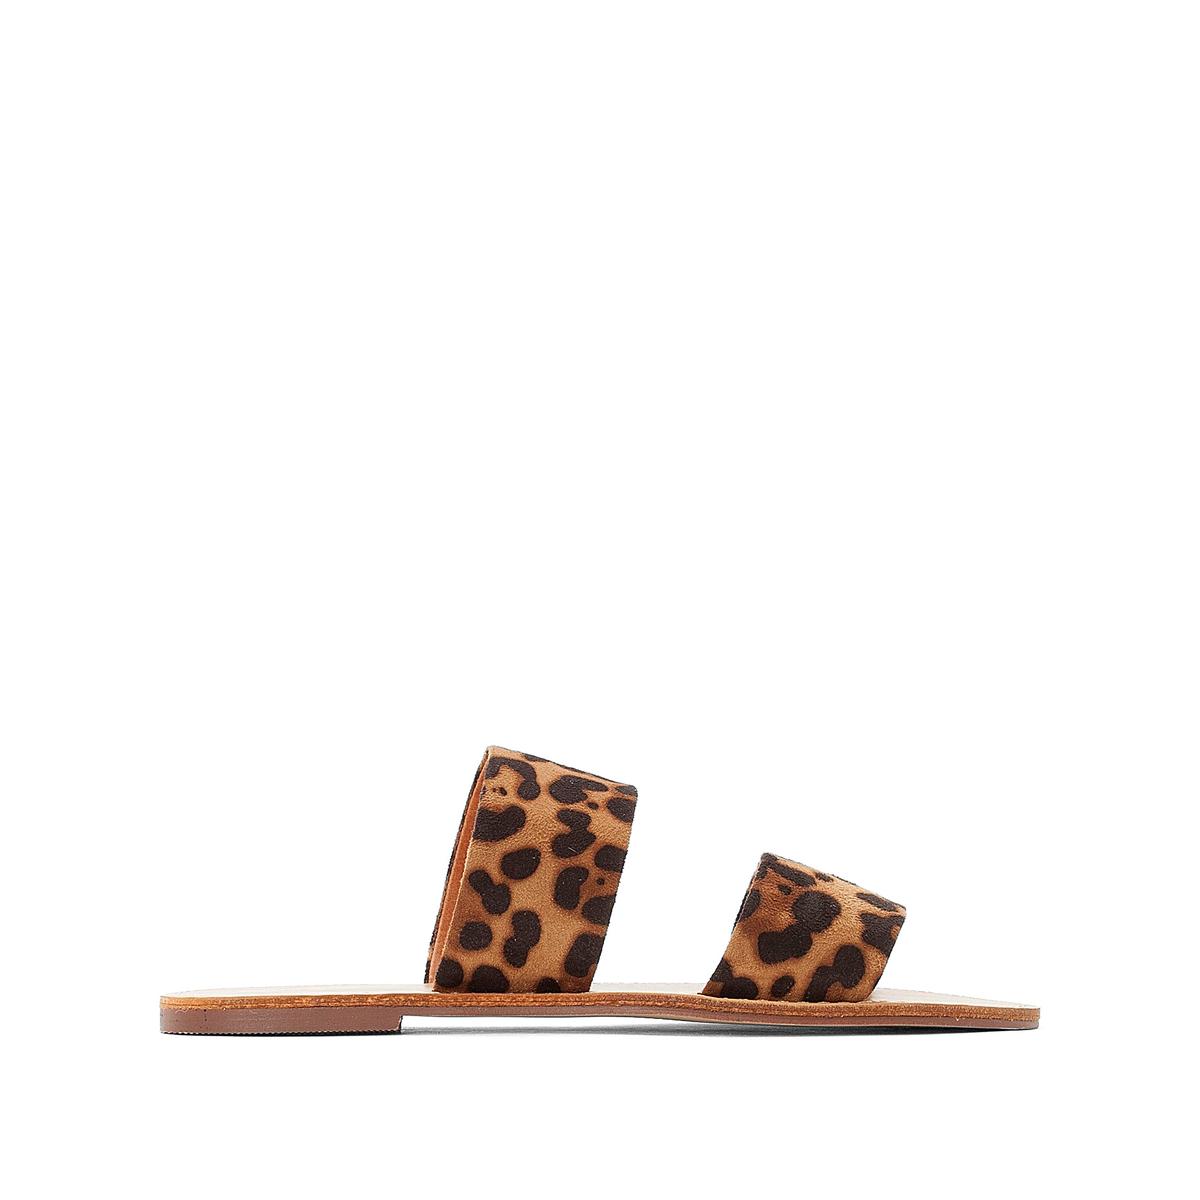 Туфли La Redoute Без задника с леопардовым рисунком на плоском каблуке 36 каштановый туфли la redoute на среднем каблуке с питоновым принтом 36 каштановый